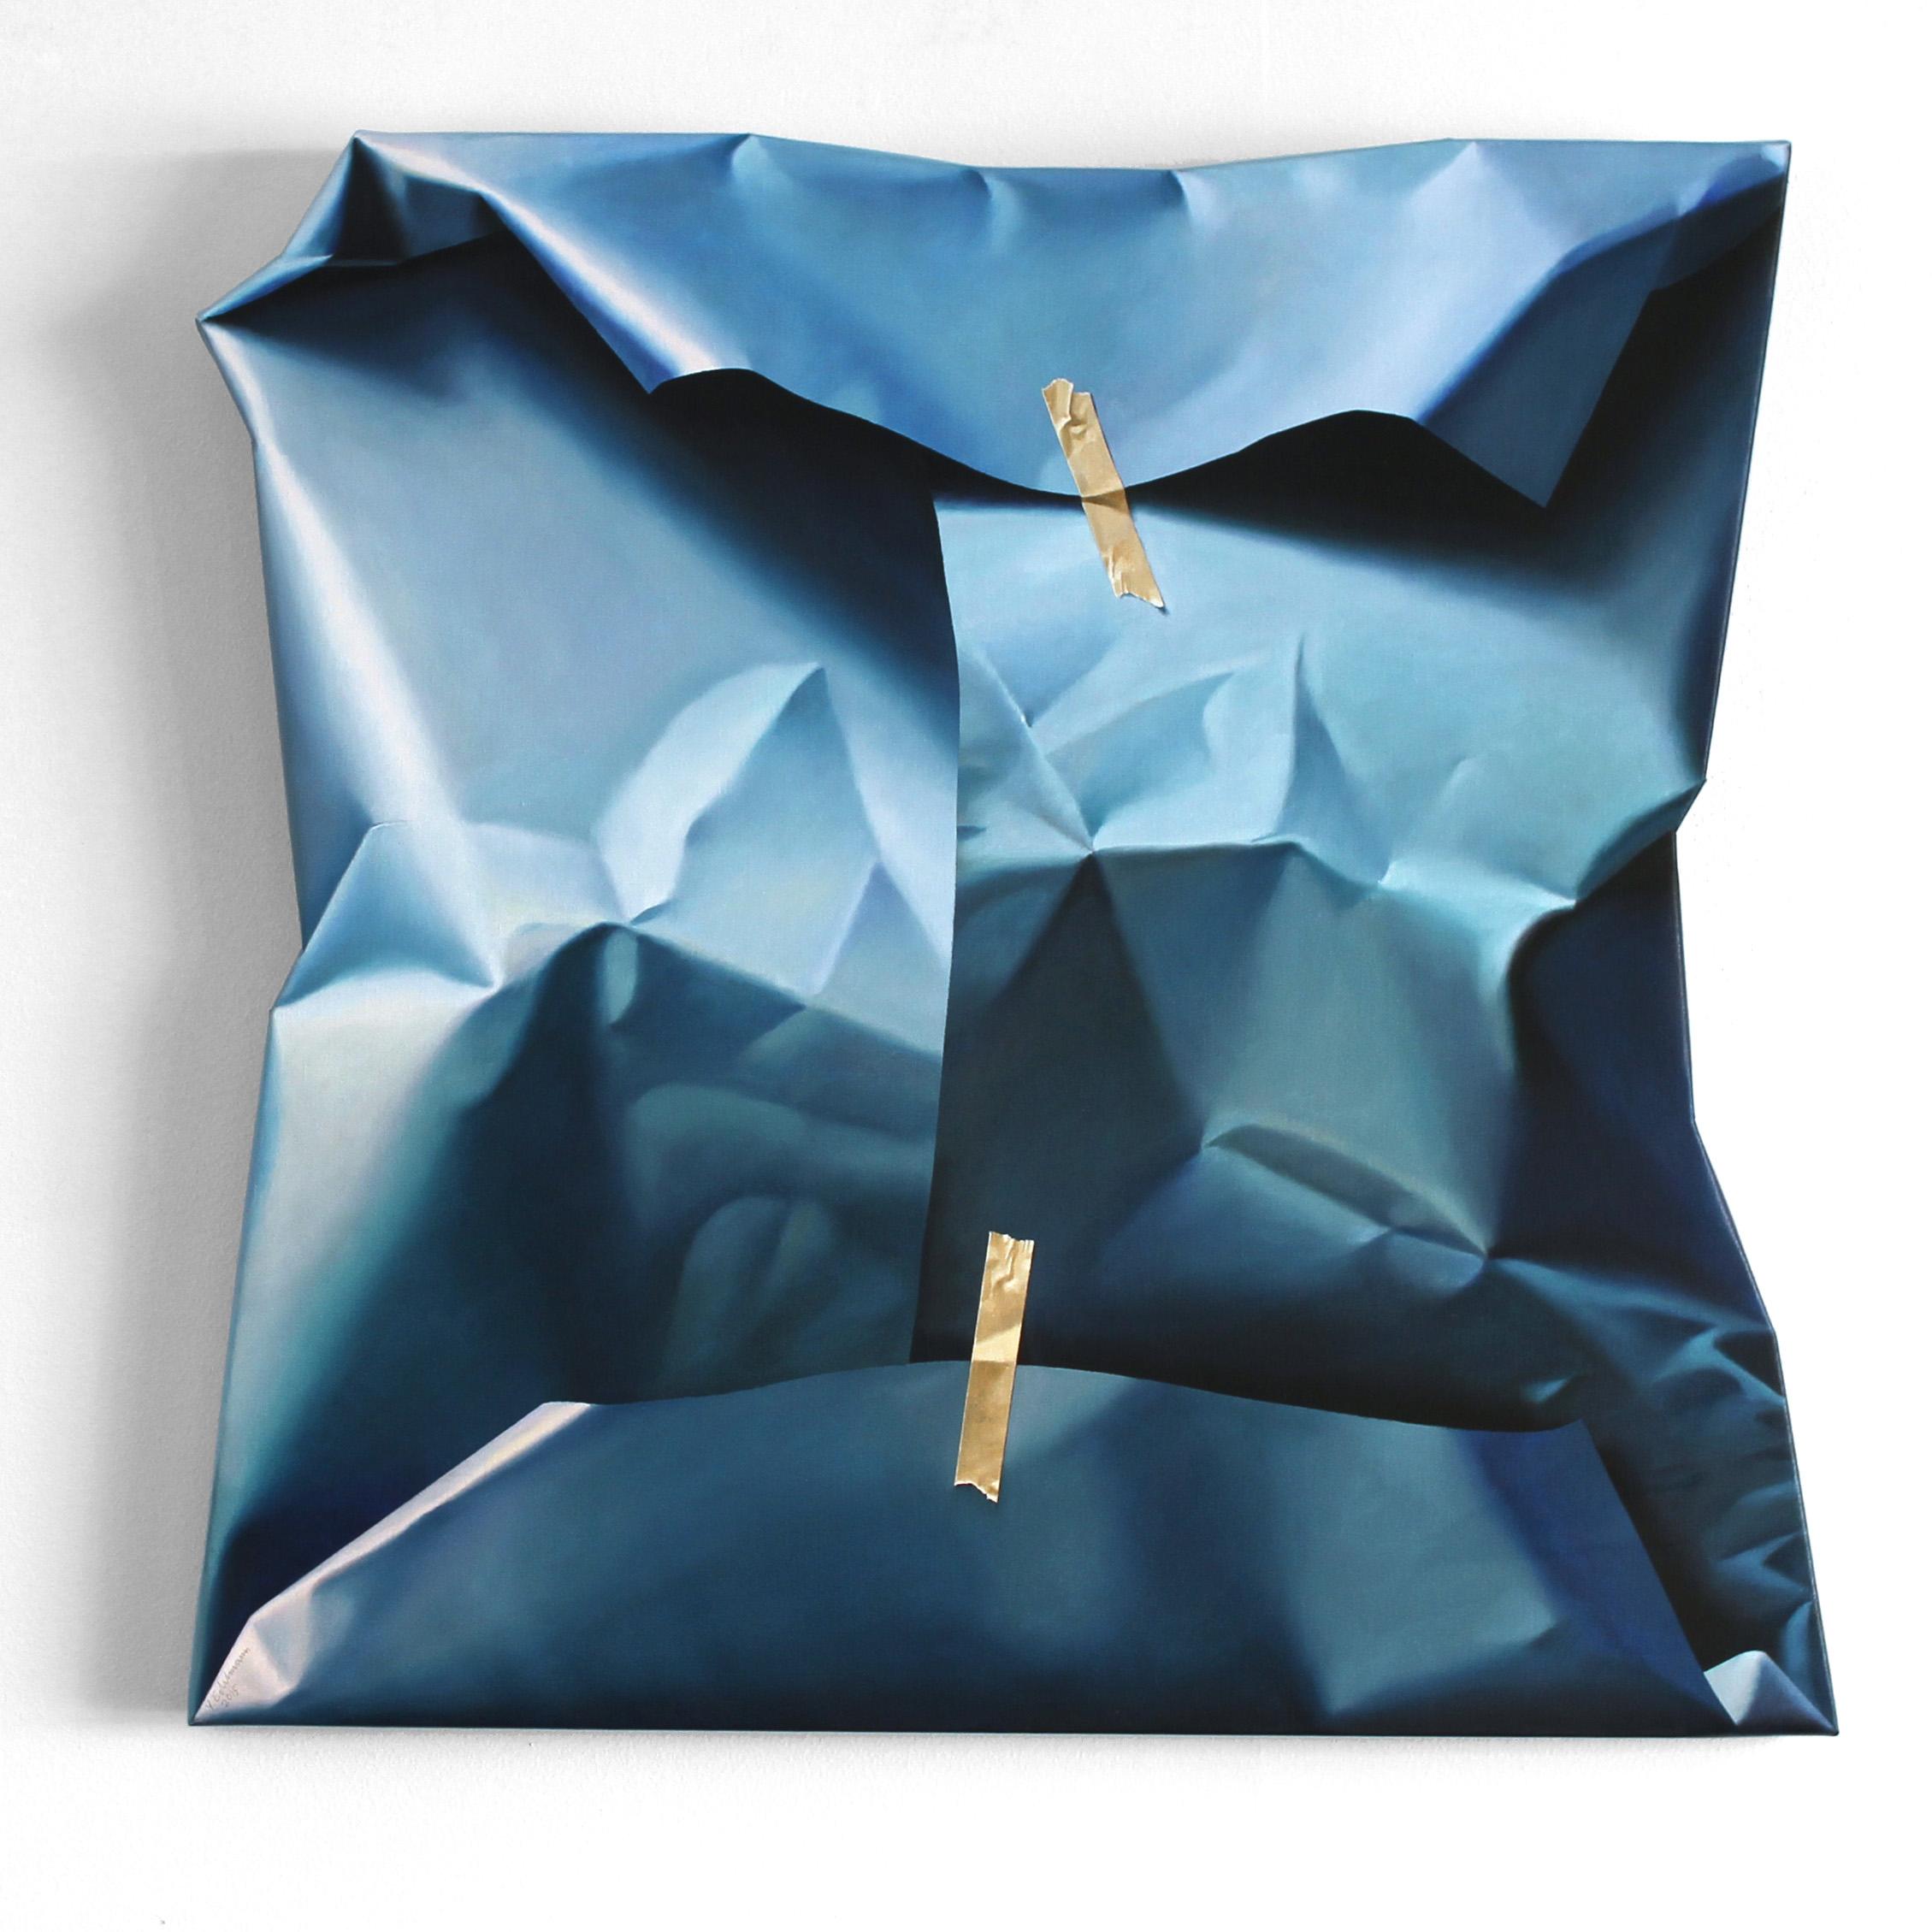 'Magnetic properties II' - Yrjo Edelmann - Foto: GKM